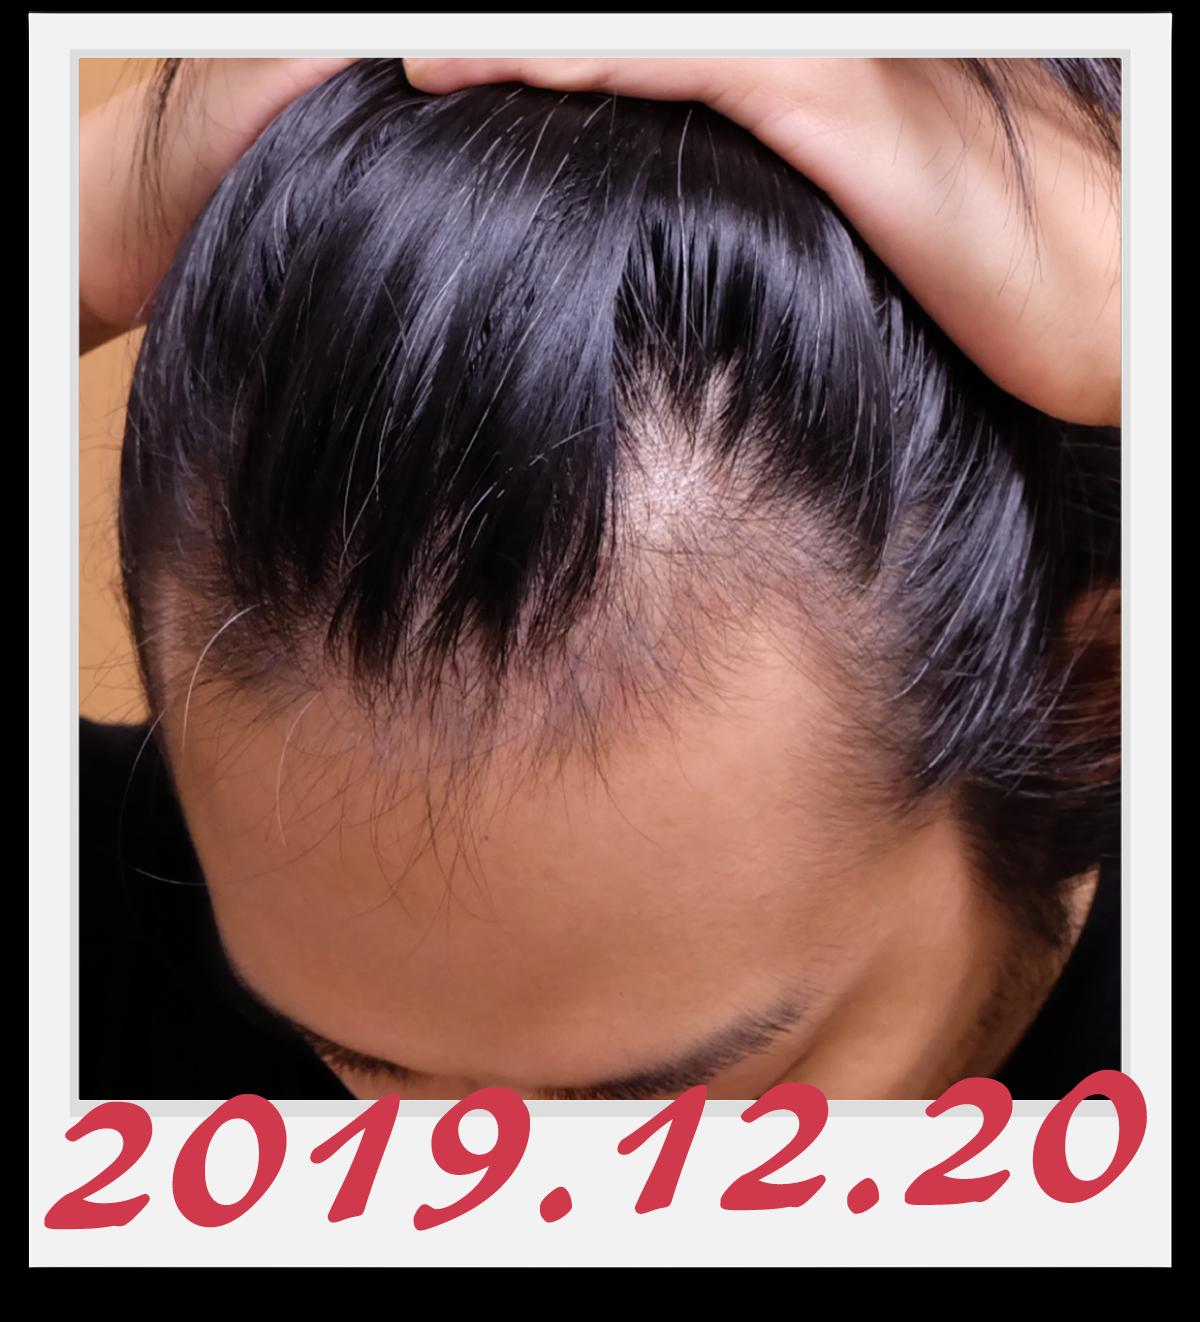 2019年12月20日に撮影した左側の生え際